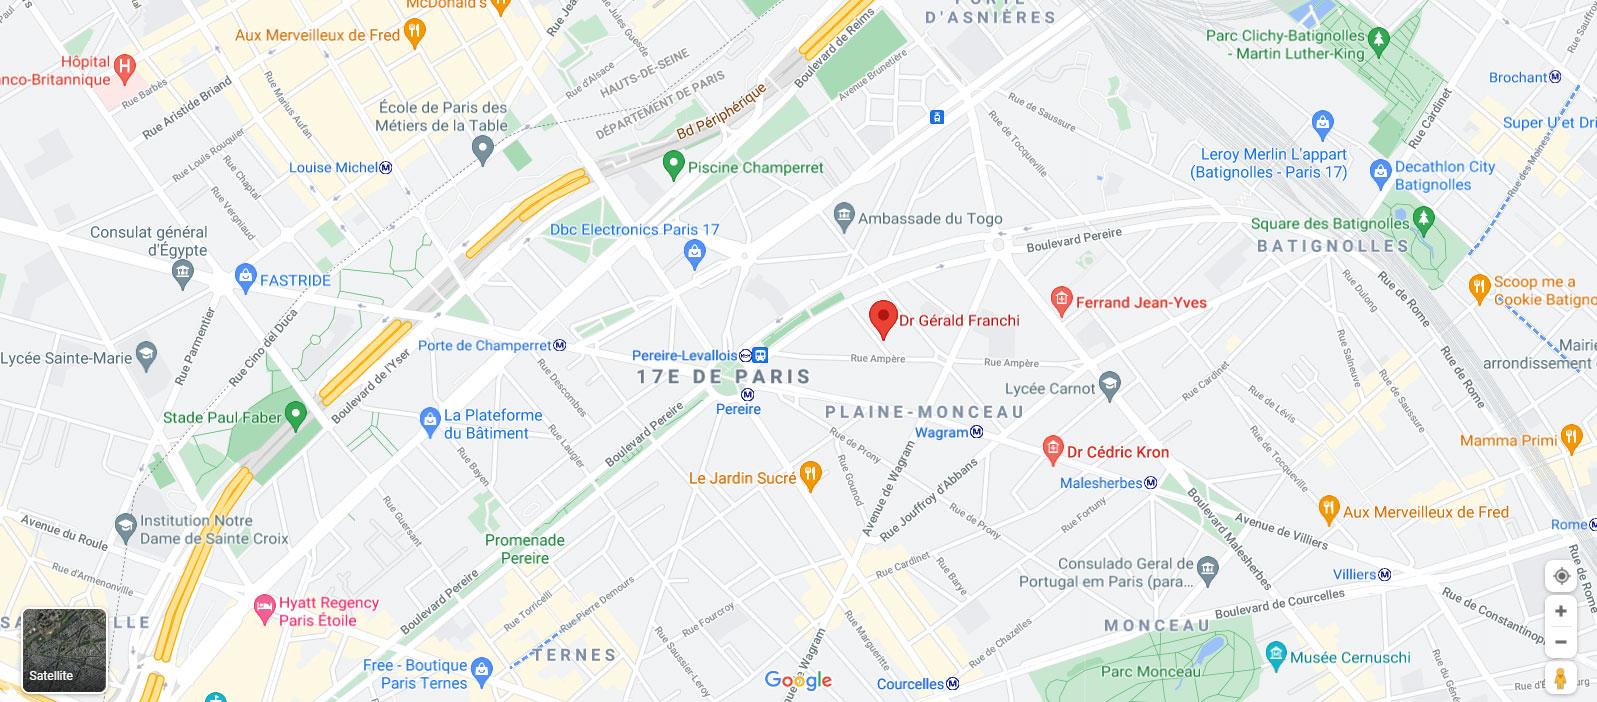 Plan d'accès Dr Franchi, chirurgien esthétique à Paris